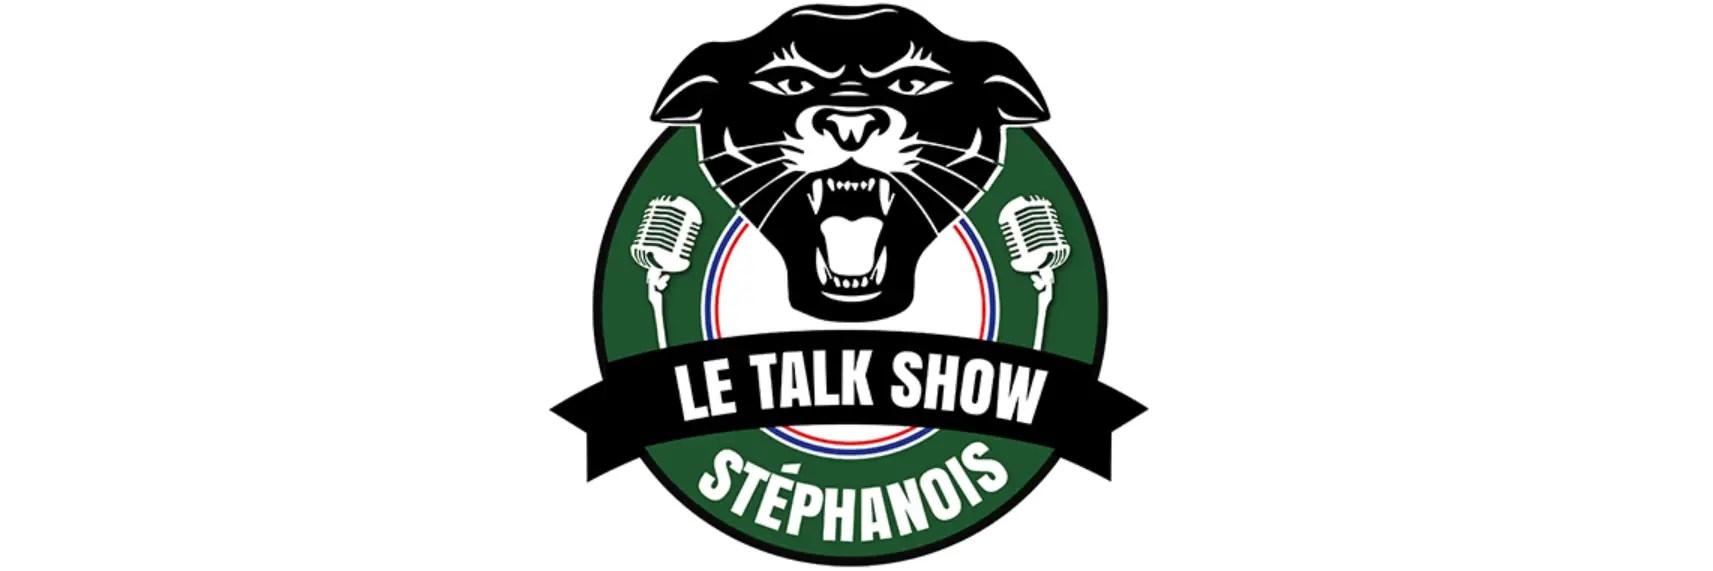 LeTalkShowStephanois